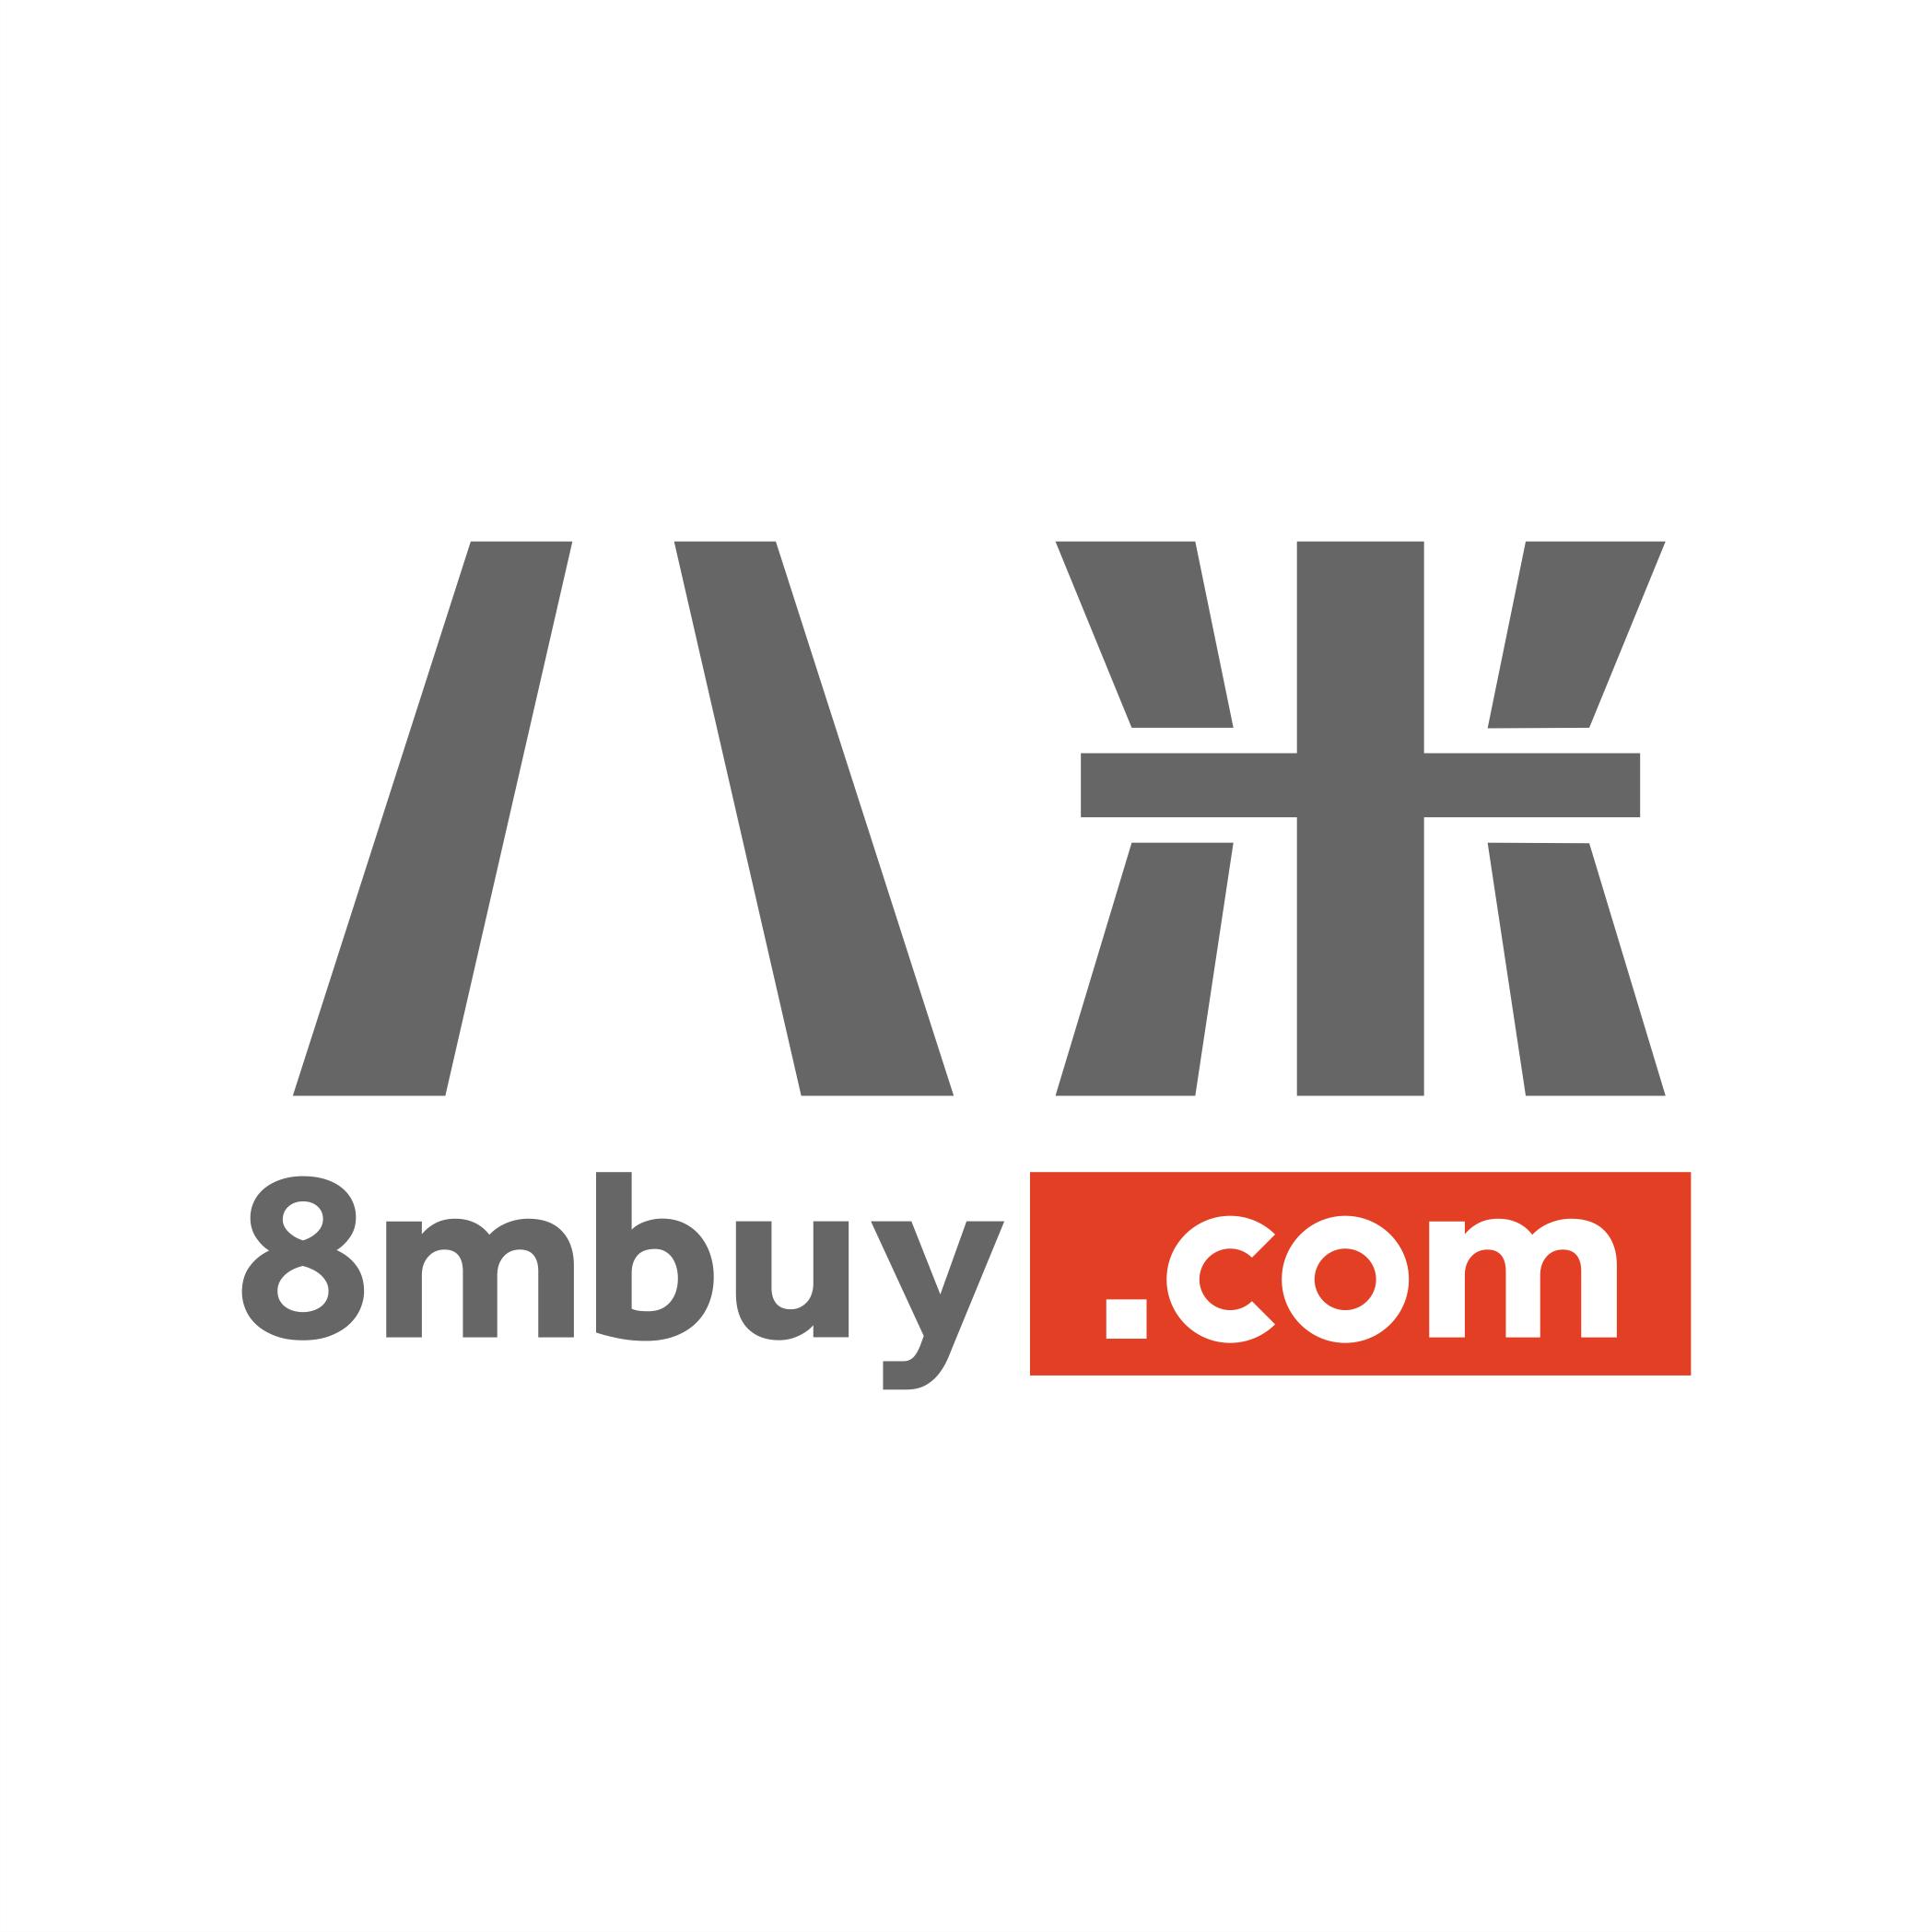 浙江双琪电子商务有限公司